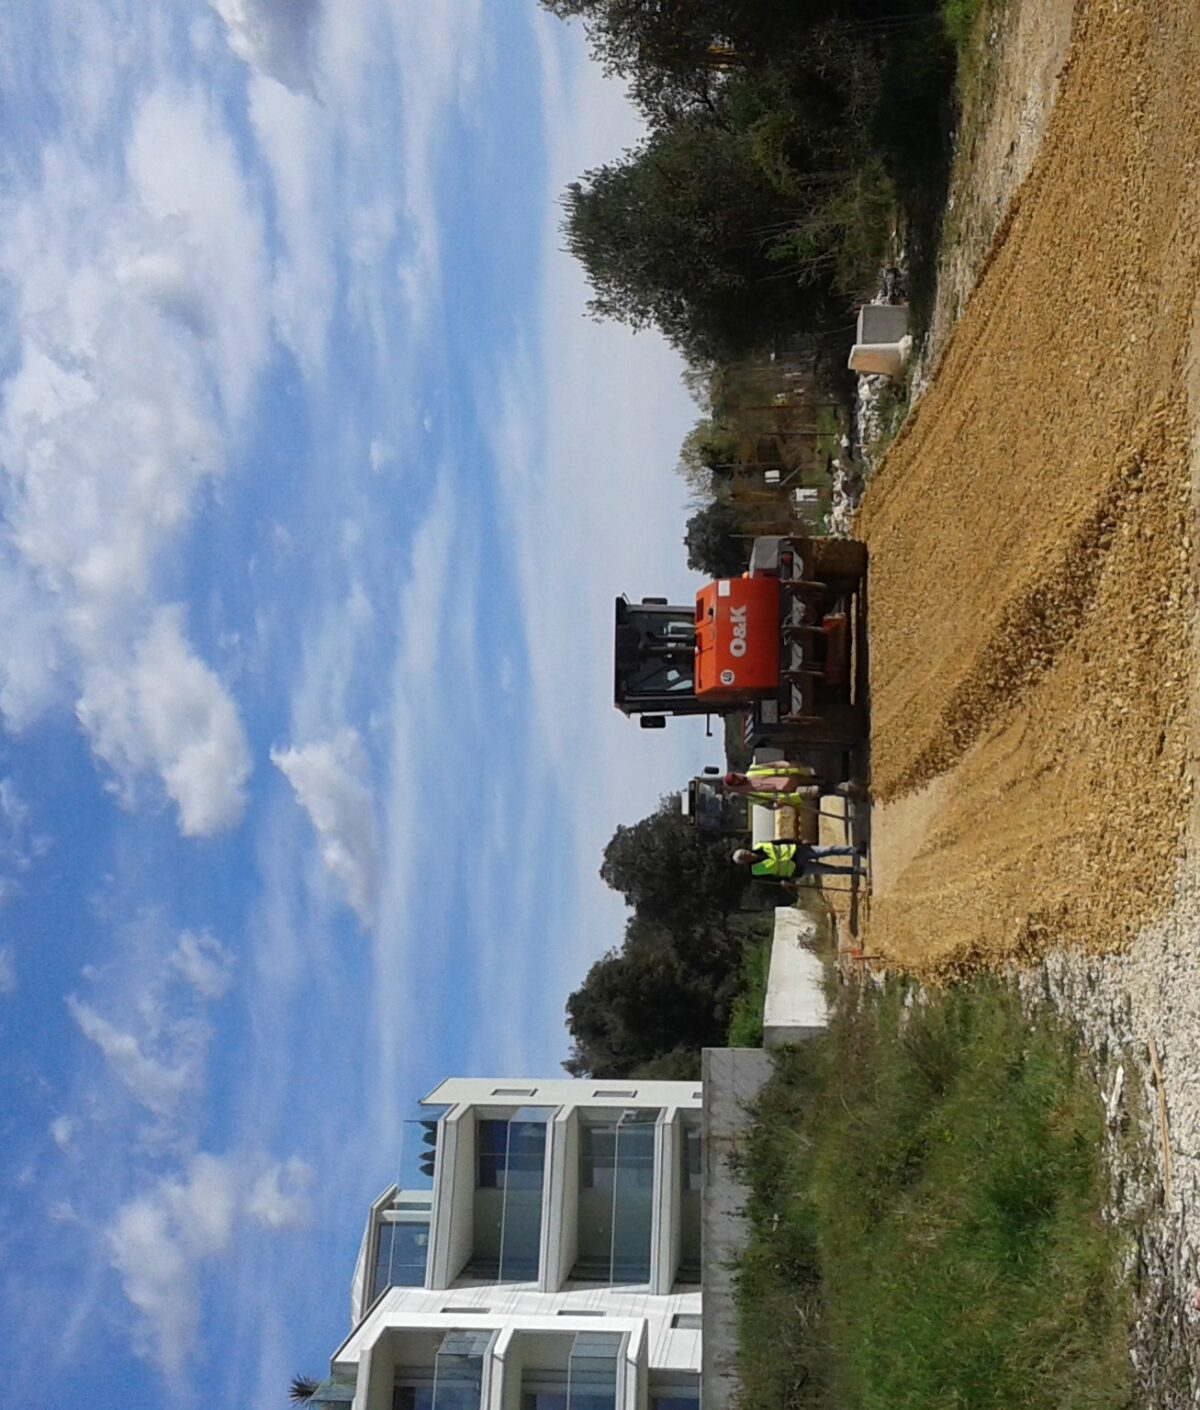 Radovi u tijeku na križanju Centener-Tartini i u naselju Salteria - glavna fotografija